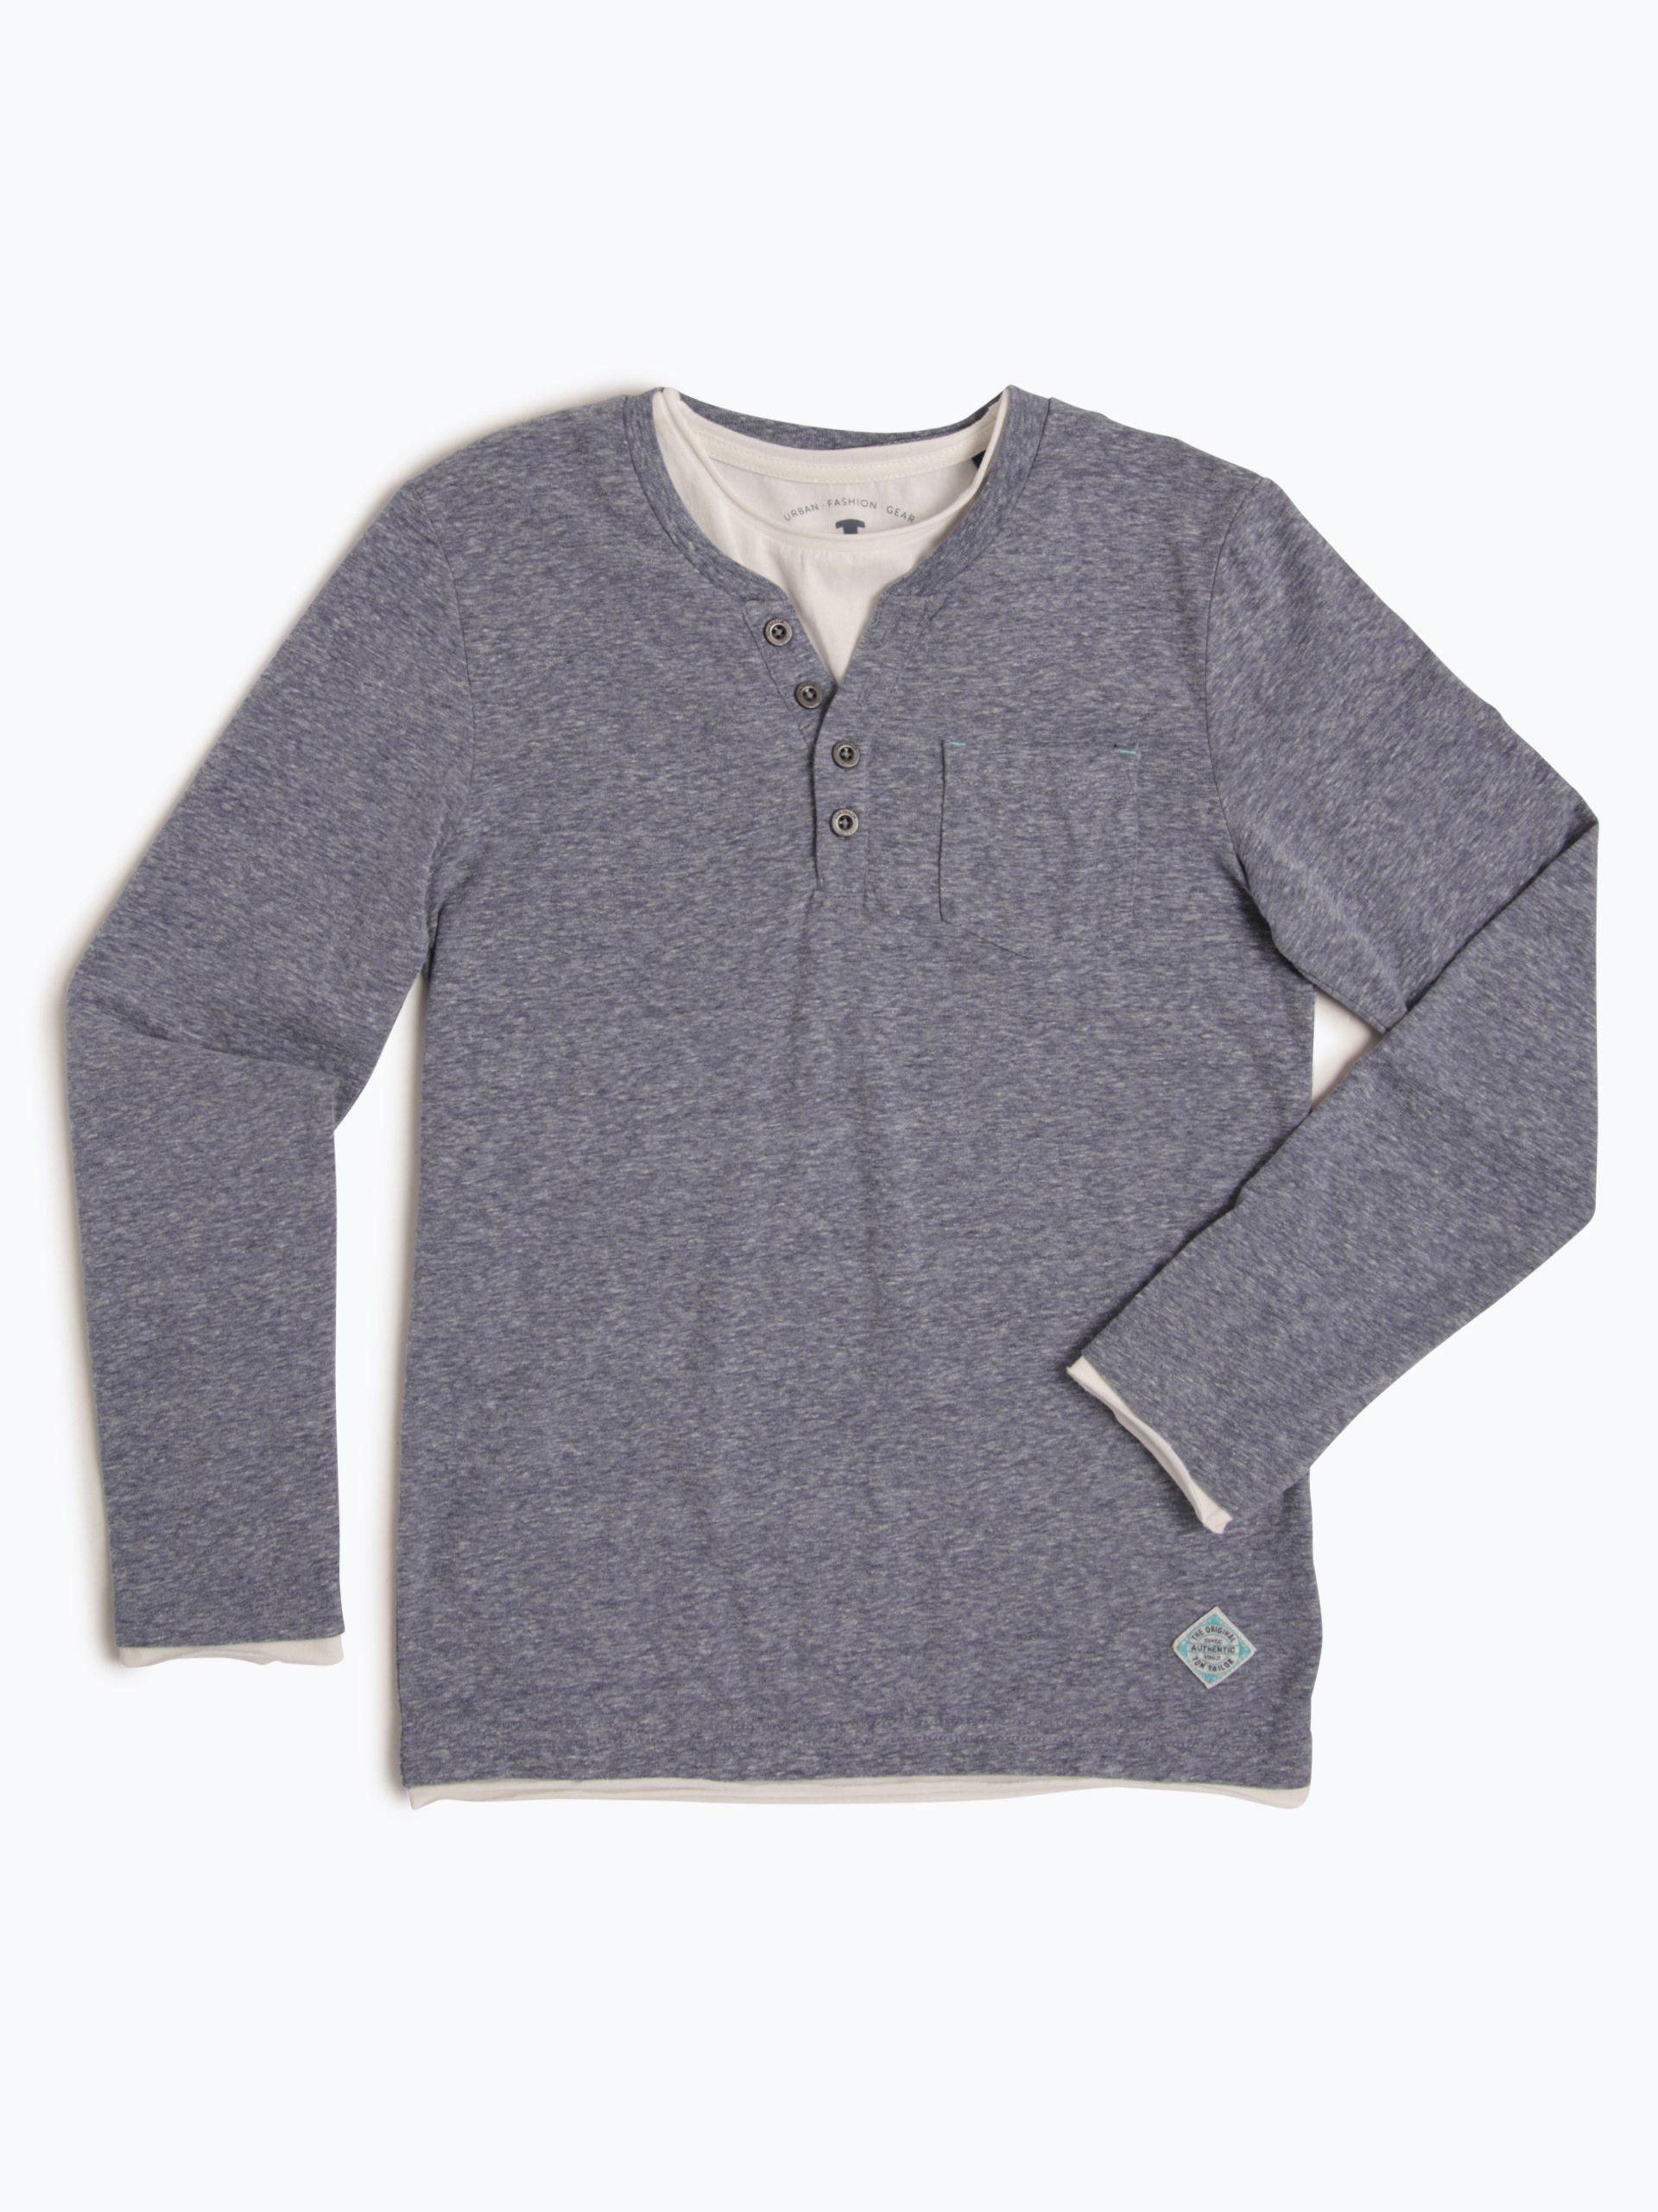 tom tailor jungen langarmshirt blau uni online kaufen. Black Bedroom Furniture Sets. Home Design Ideas